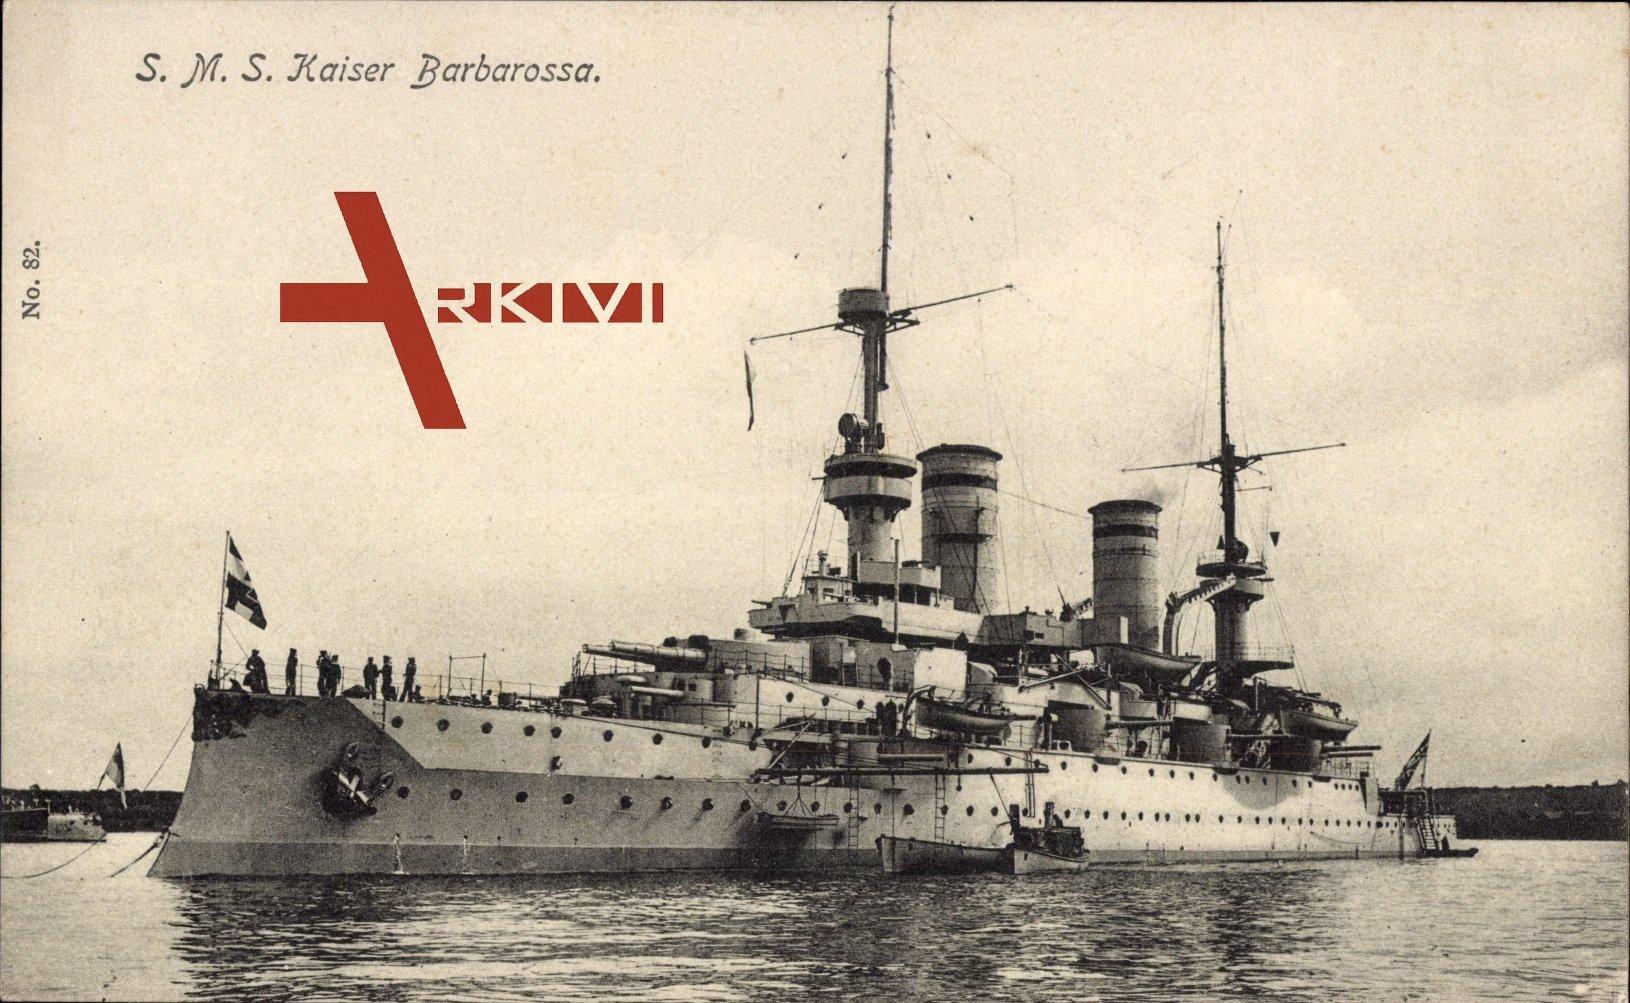 S.M.S. Kaiser Barbarossa, Deutsches Kriegsschiff, Ausbooten